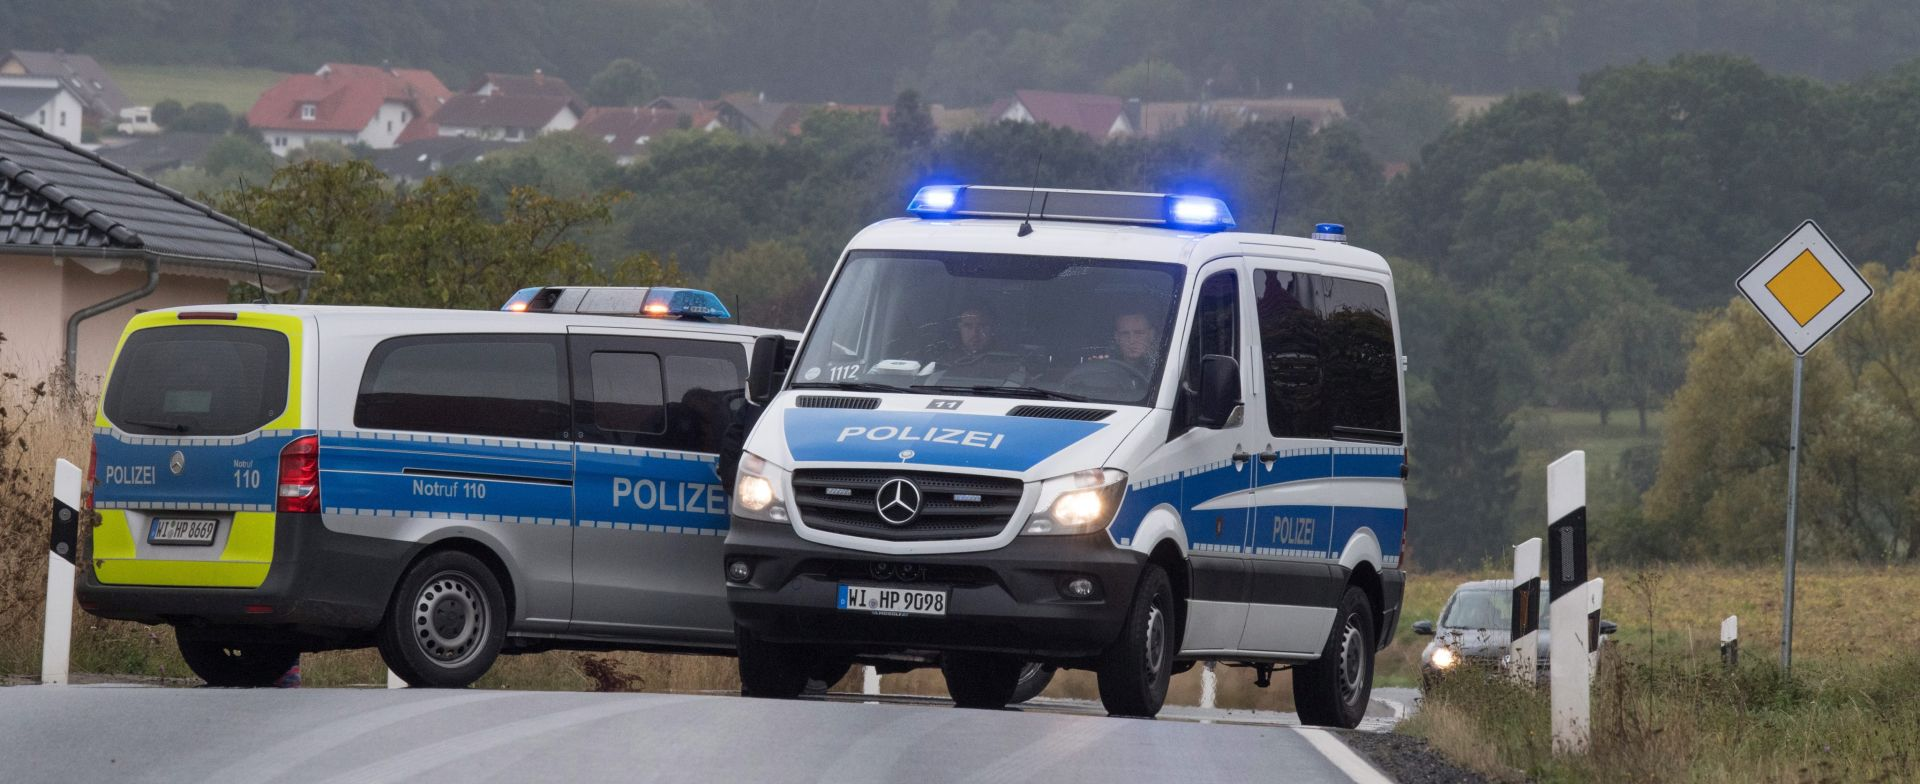 ECI Članice EU-a mogu odbiti tražitelje azile povezane s terorizmom